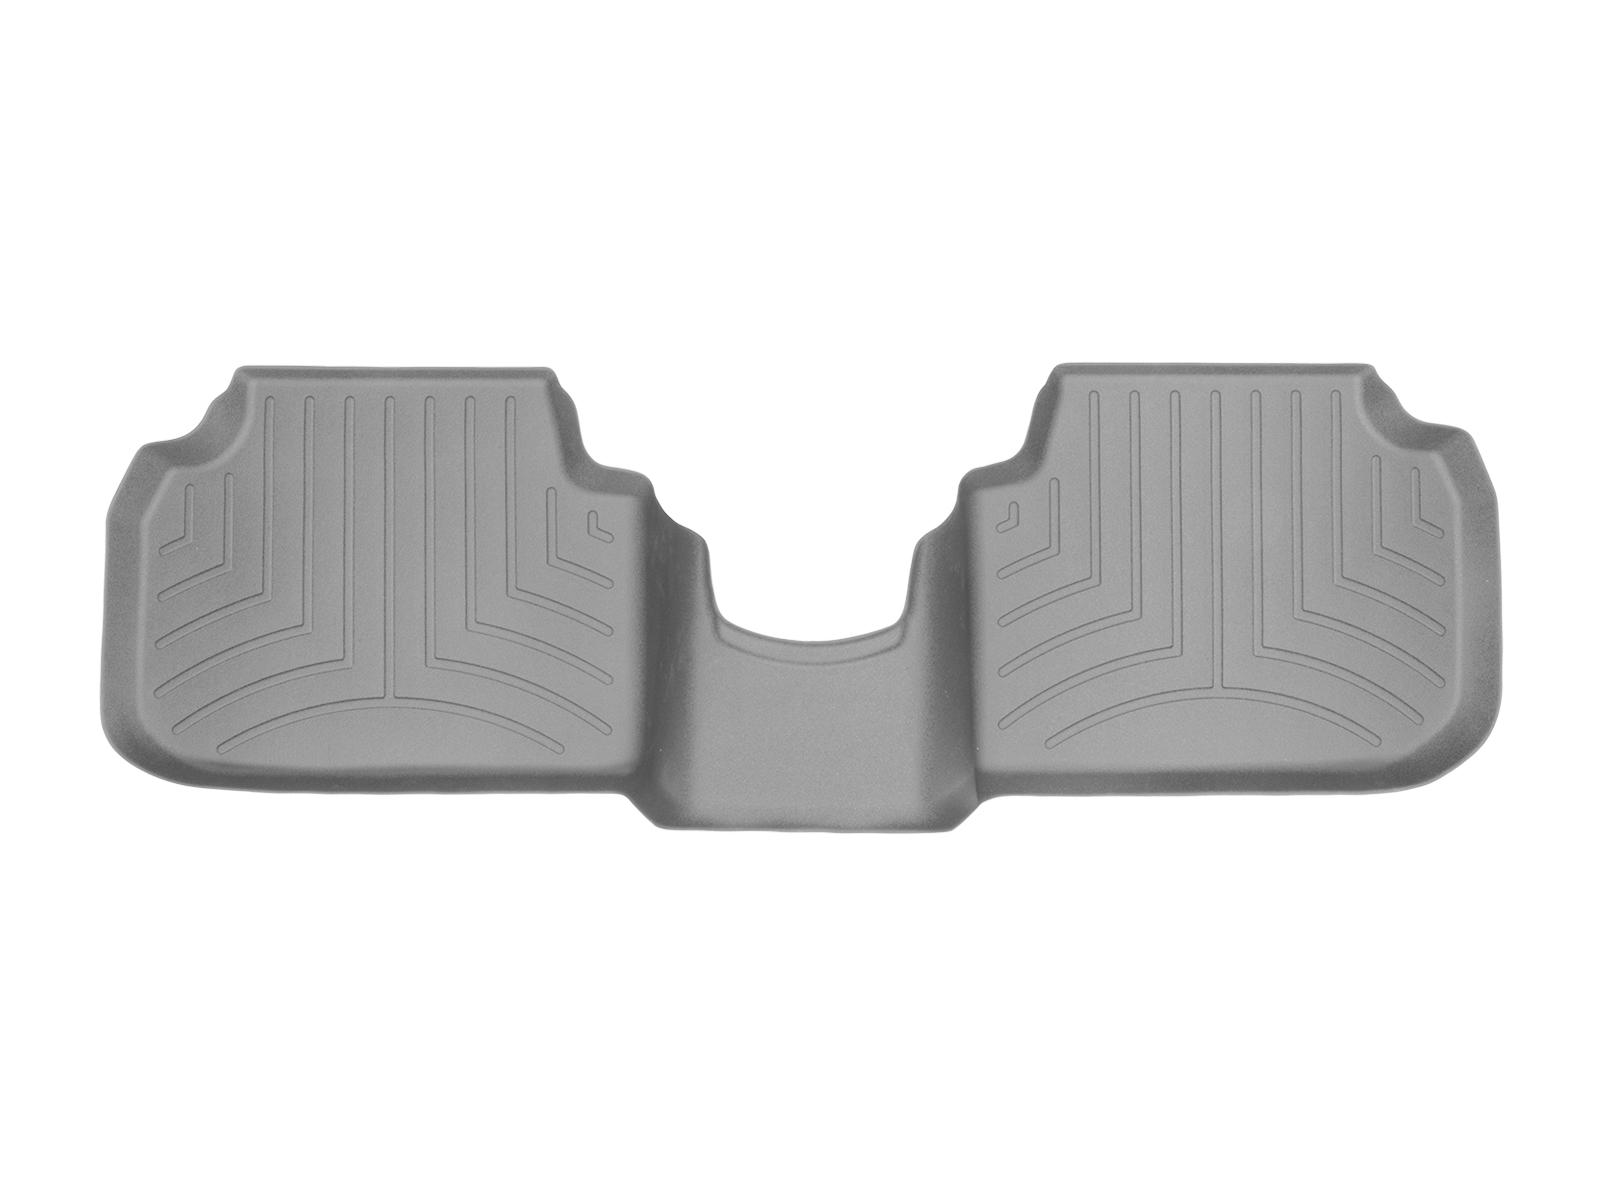 Tappeti gomma su misura bordo alto MINI Clubman 15>17 Grigio A2645*